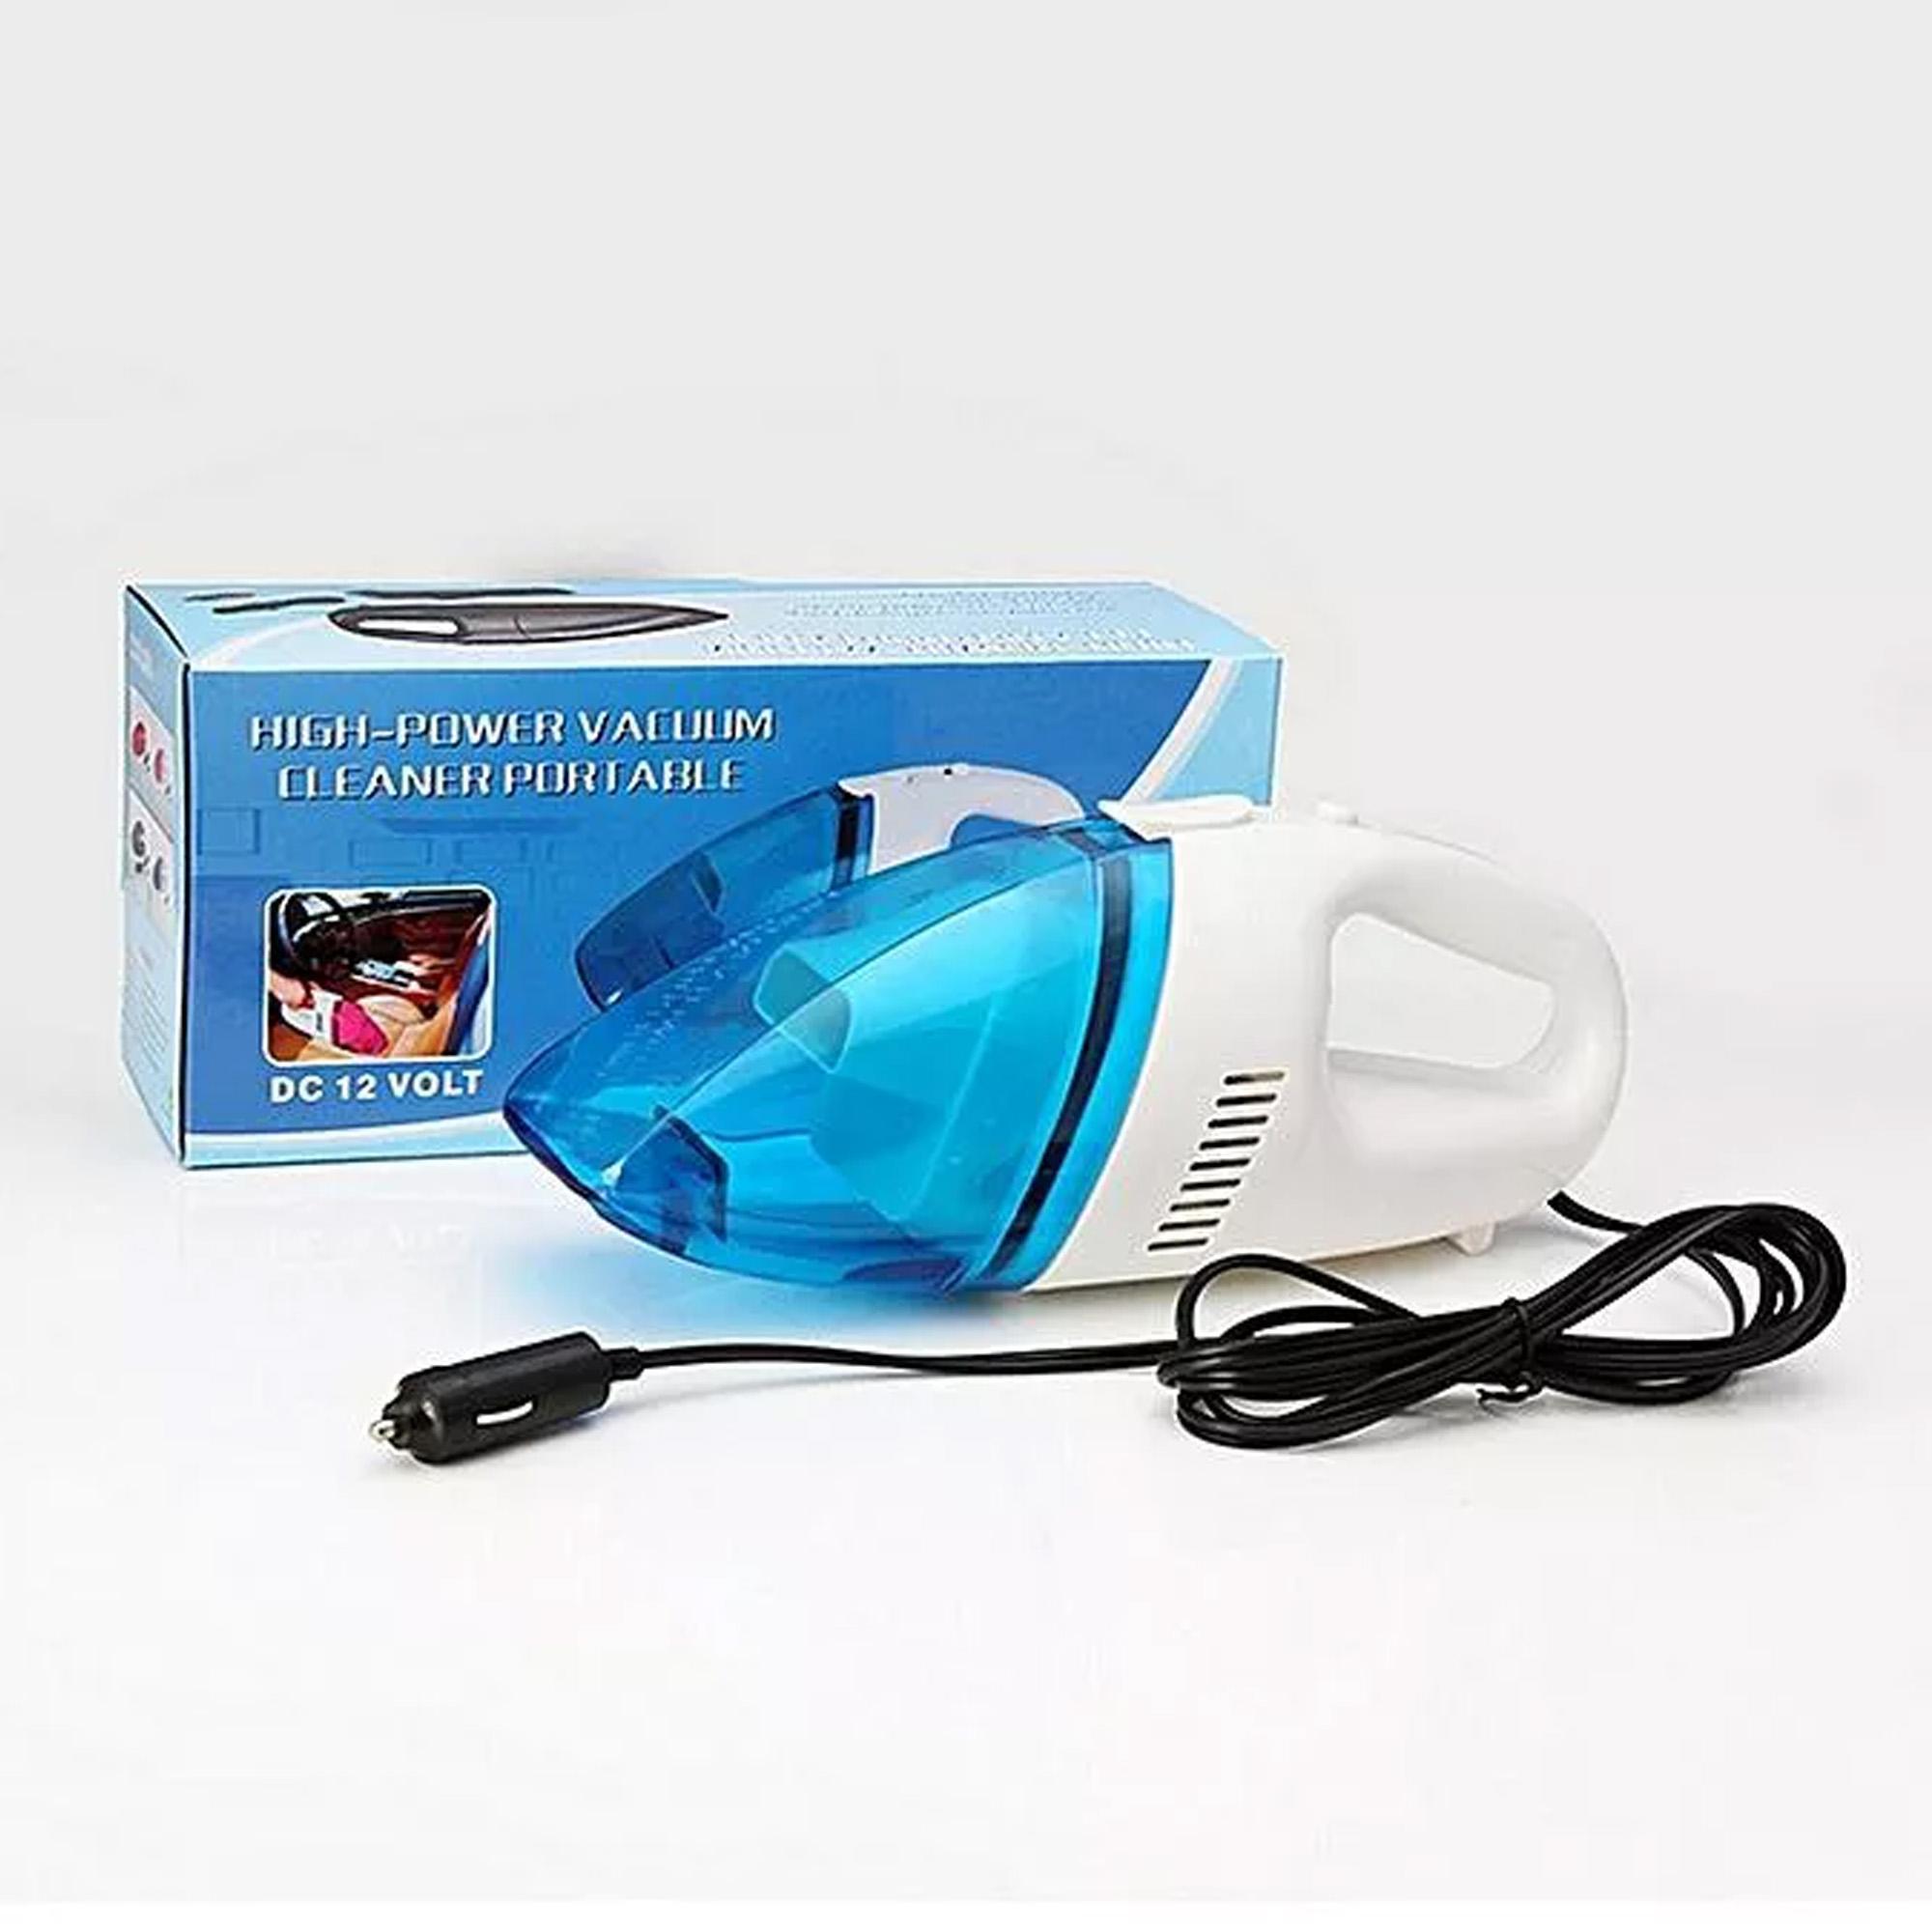 f143c9def71 Car Vacuum Cleaner for sale - Handheld Vacuum online brands